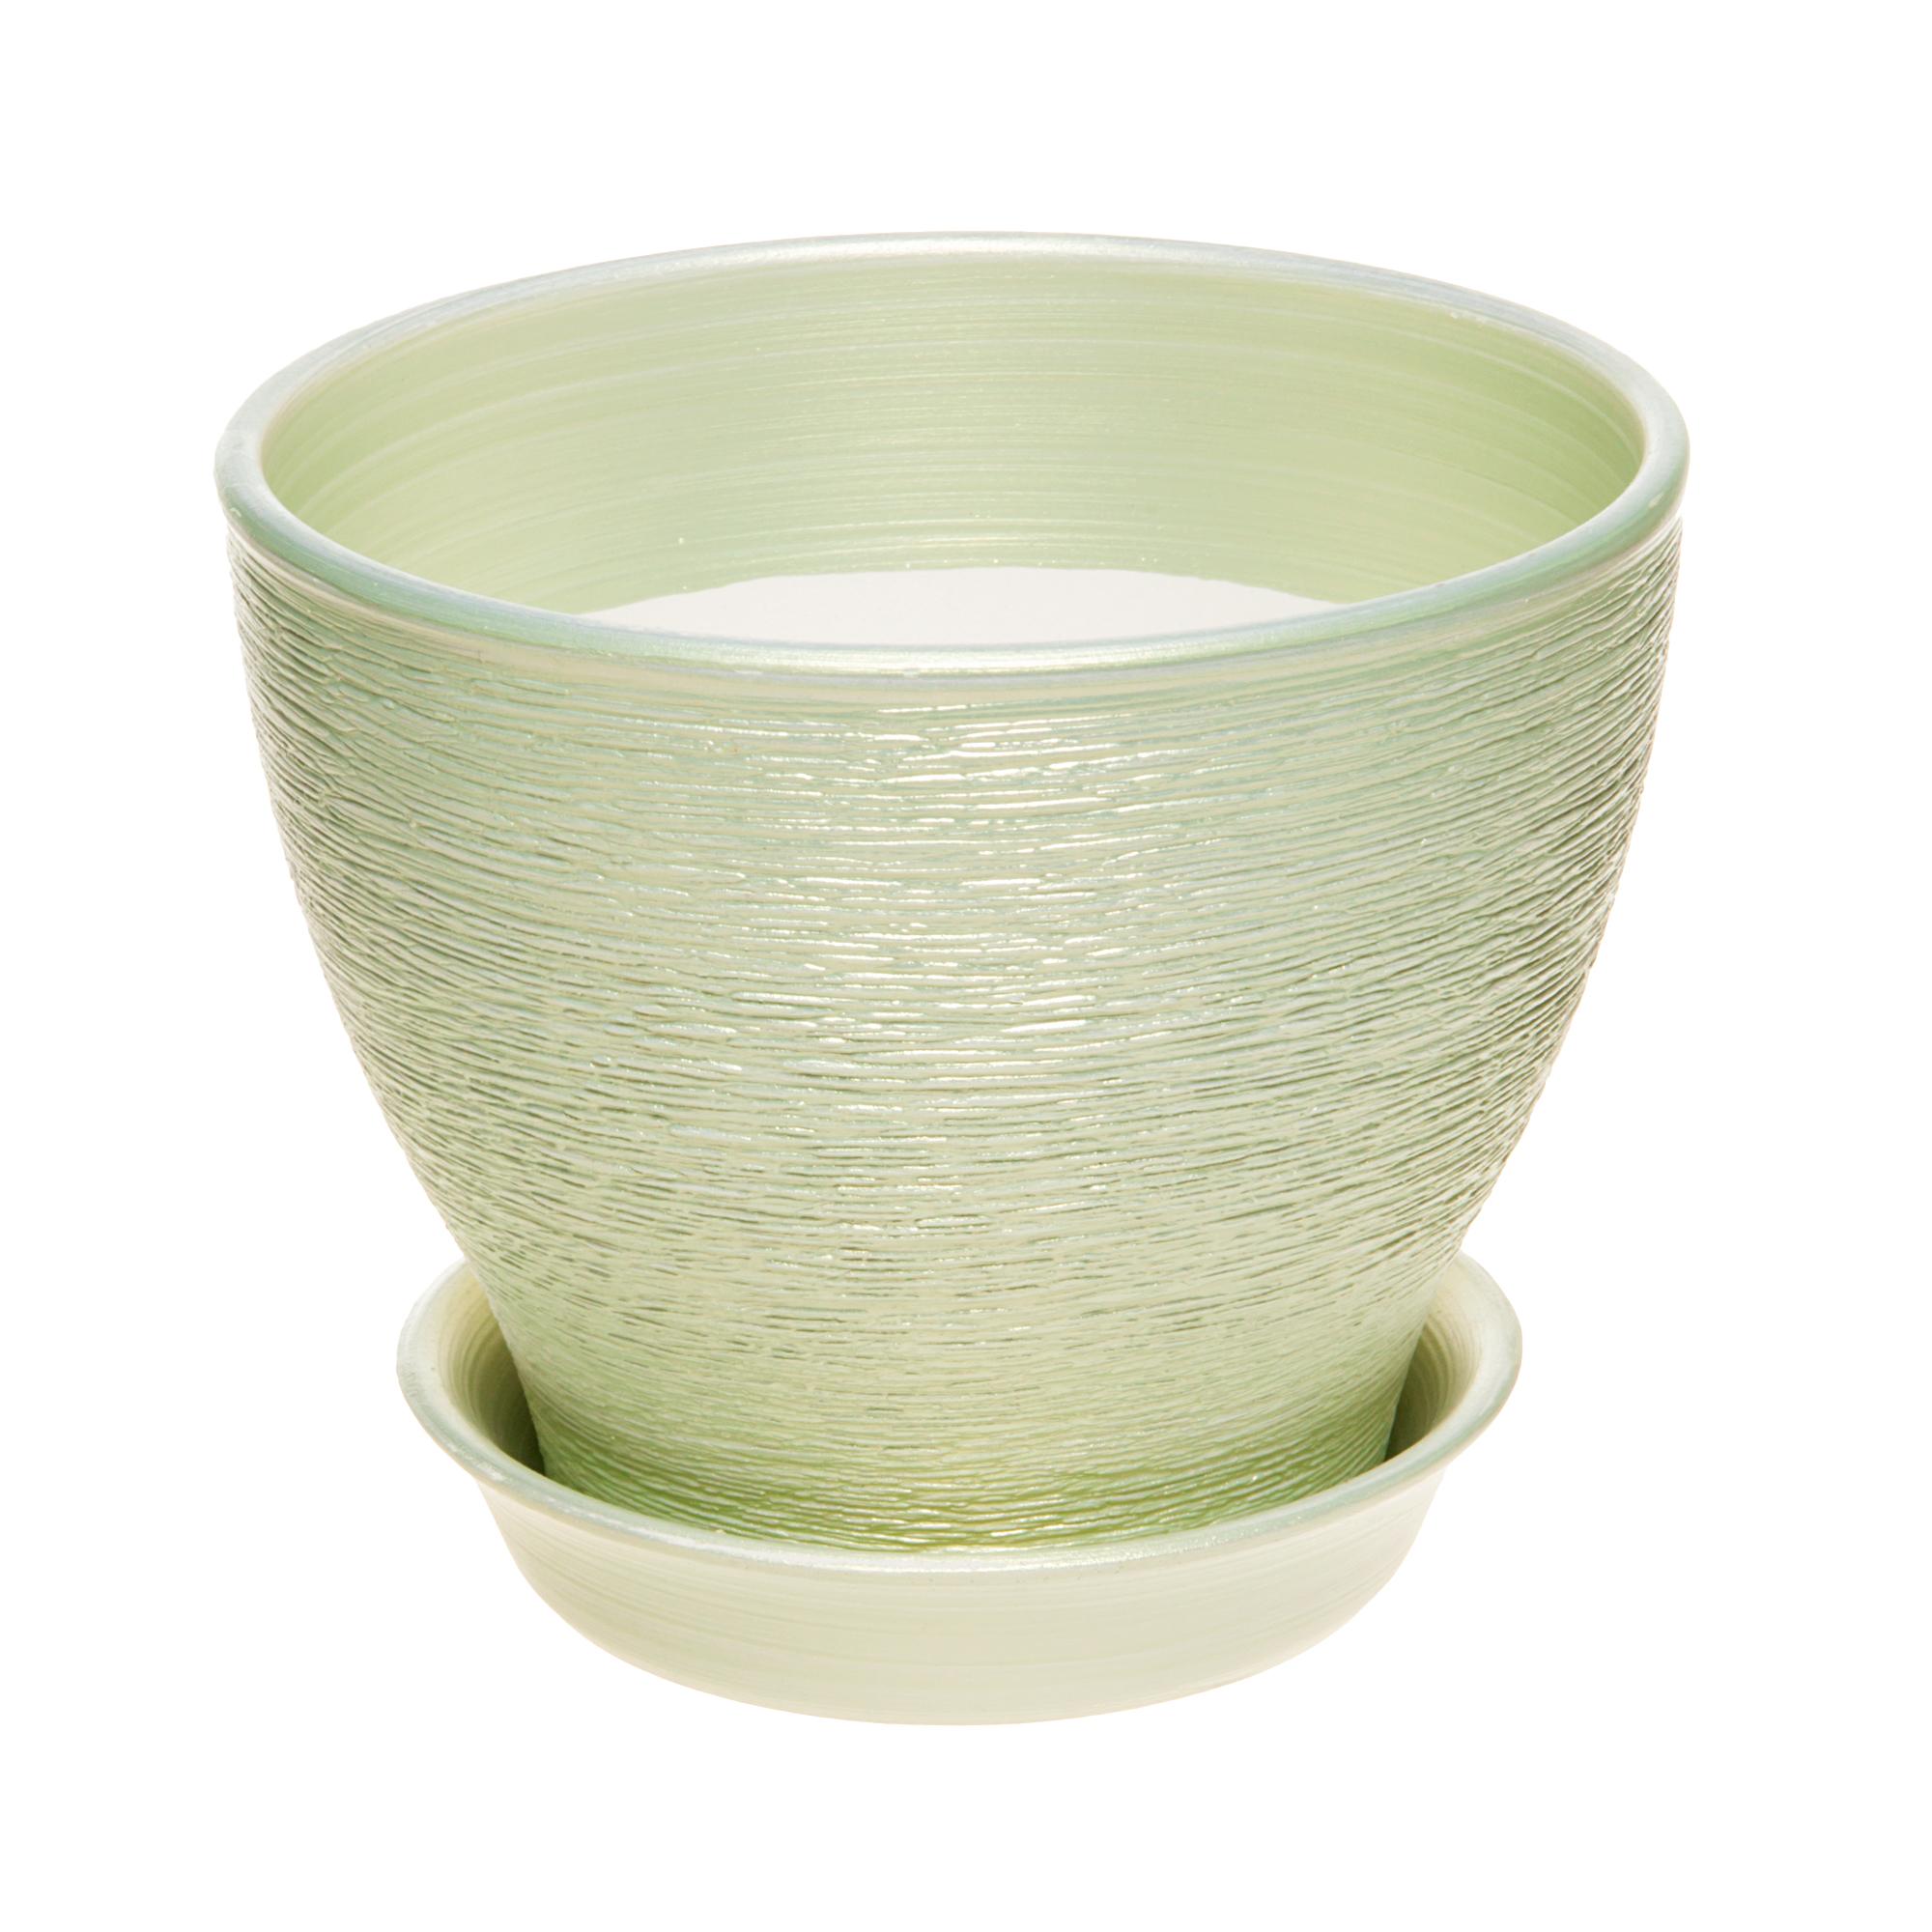 Фото - Горшок для цветов Керам Ксения салатовый 34 см горшок с поддоном керамический для цветов керам ксения глянец зеленый 9см